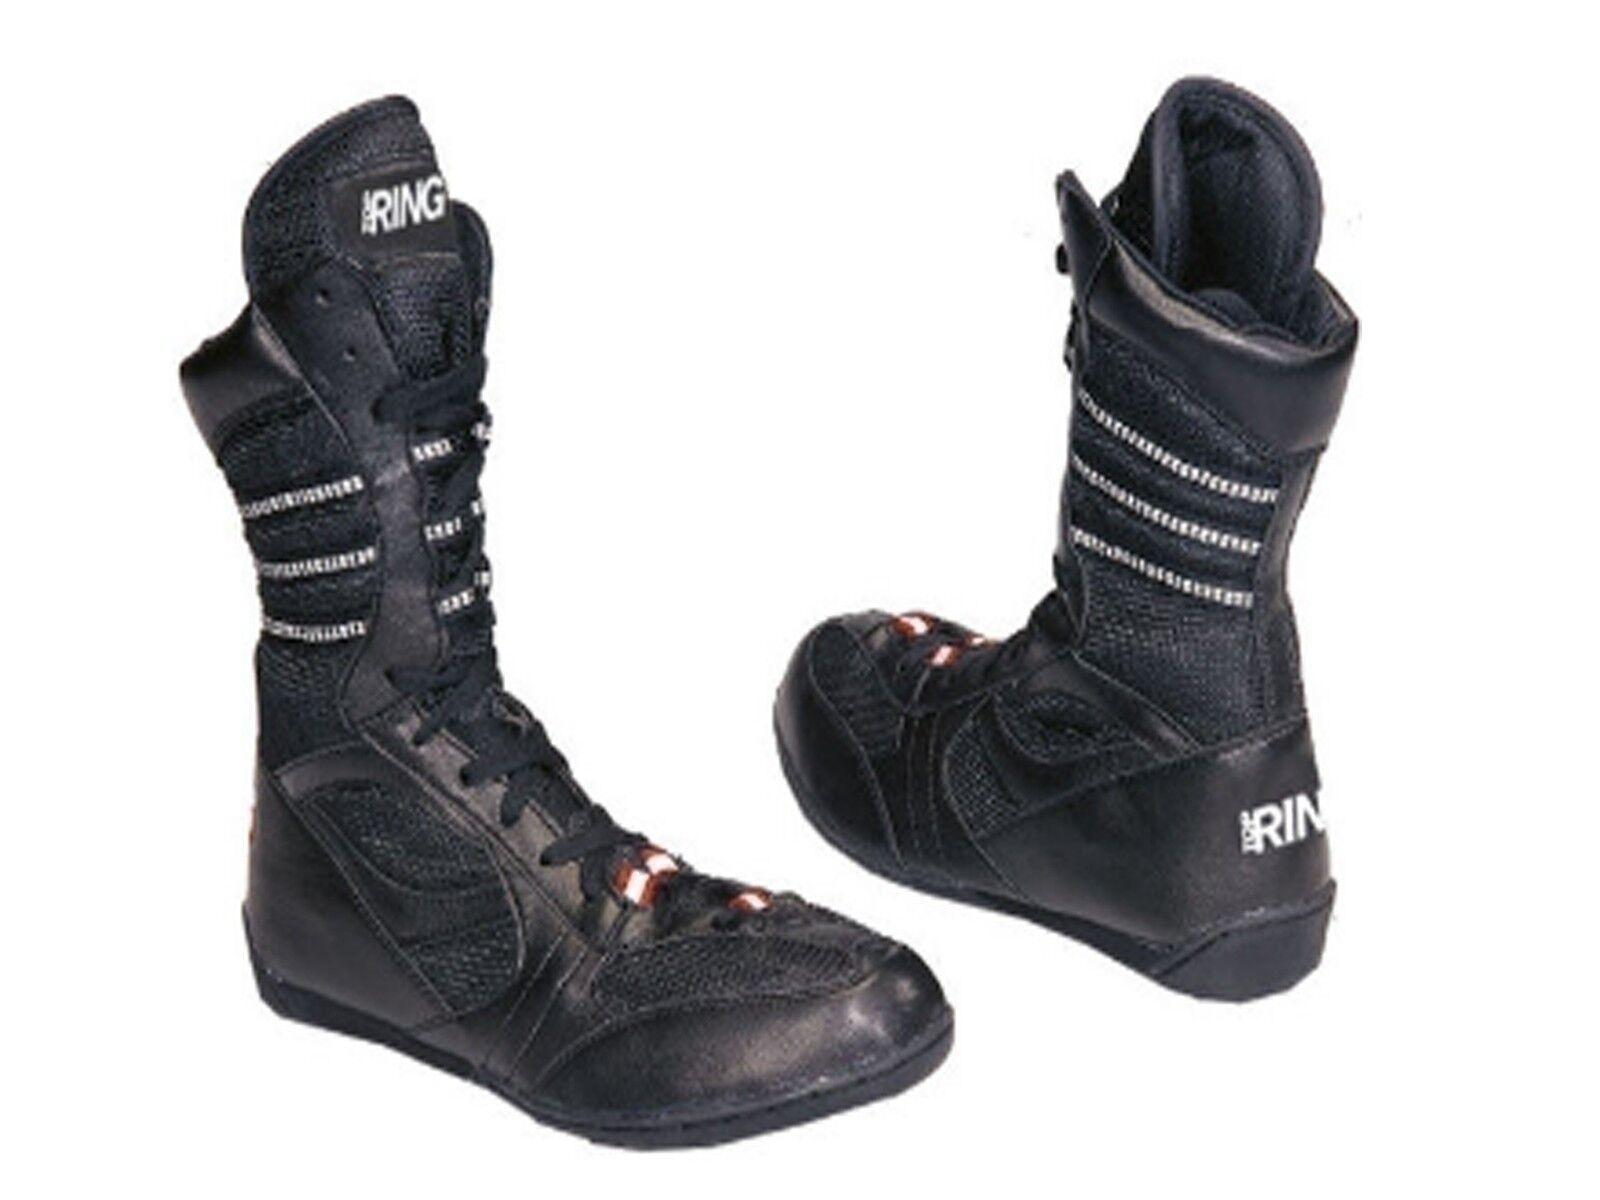 Schuhe  TOP RING  226 S STIVALETTI BOXE NERO